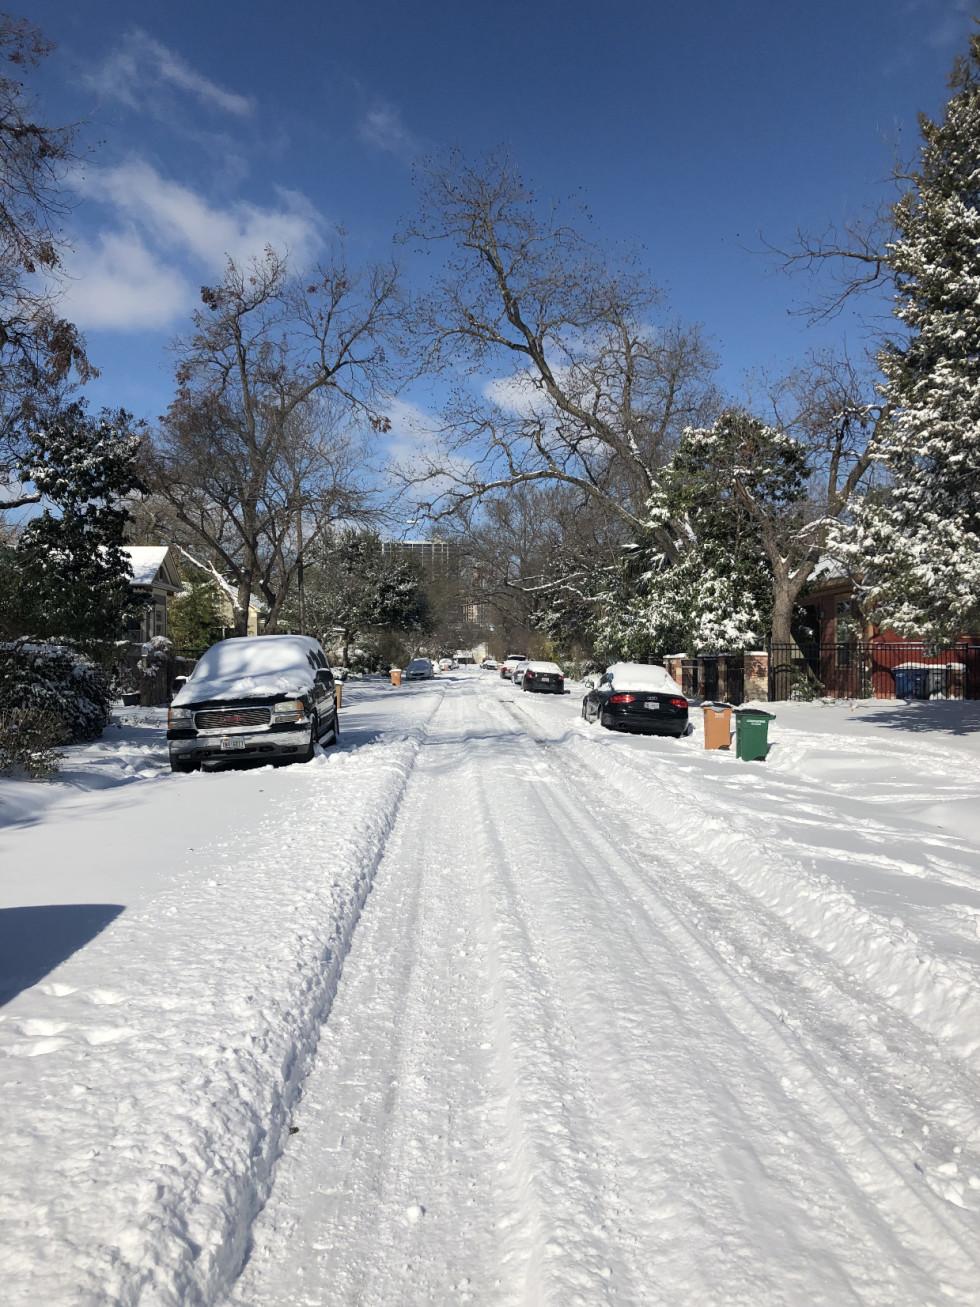 snow Austin 2021 street